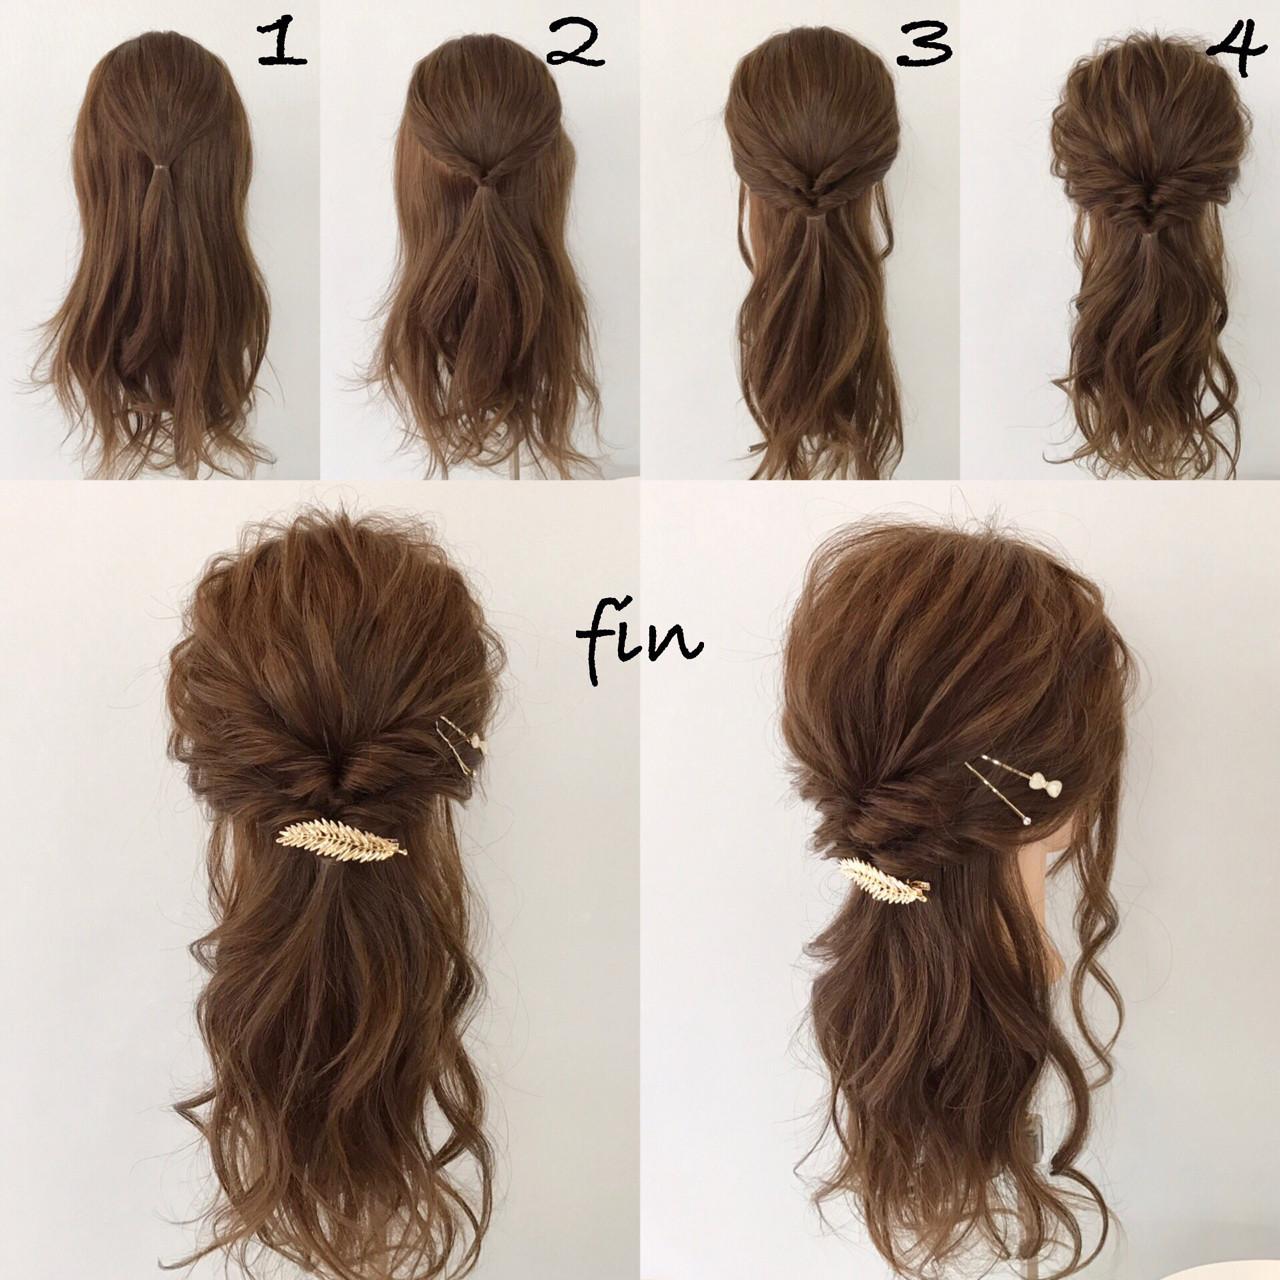 ハーフアップ ロング 簡単ヘアアレンジ デート ヘアスタイルや髪型の写真・画像